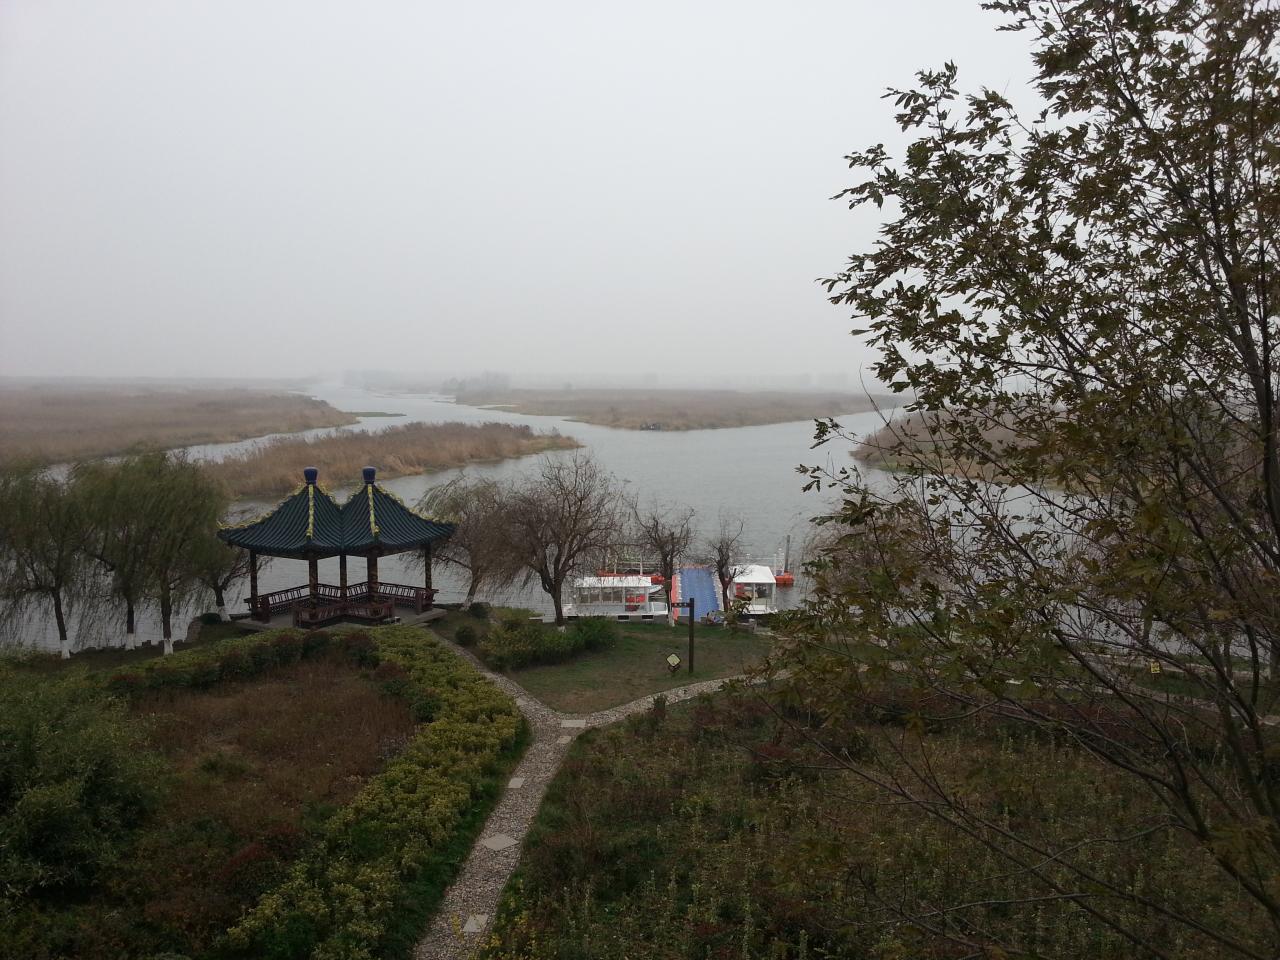 ta的所有博客 查看博客  九龙口风景区位于江苏省建湖县九龙口镇境内